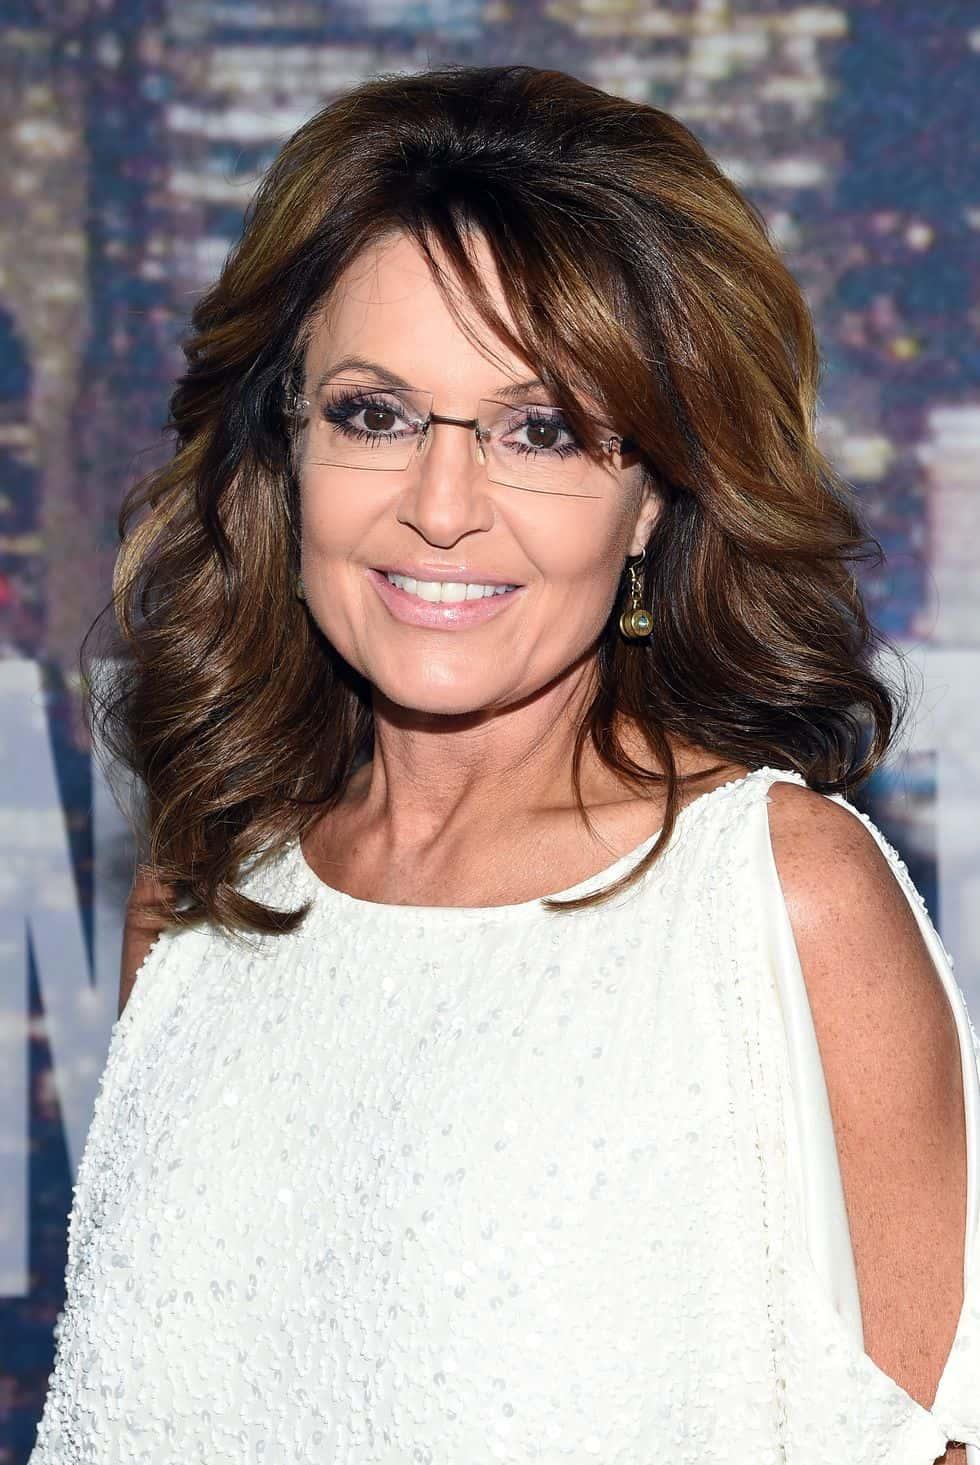 NOW: Sarah Palin